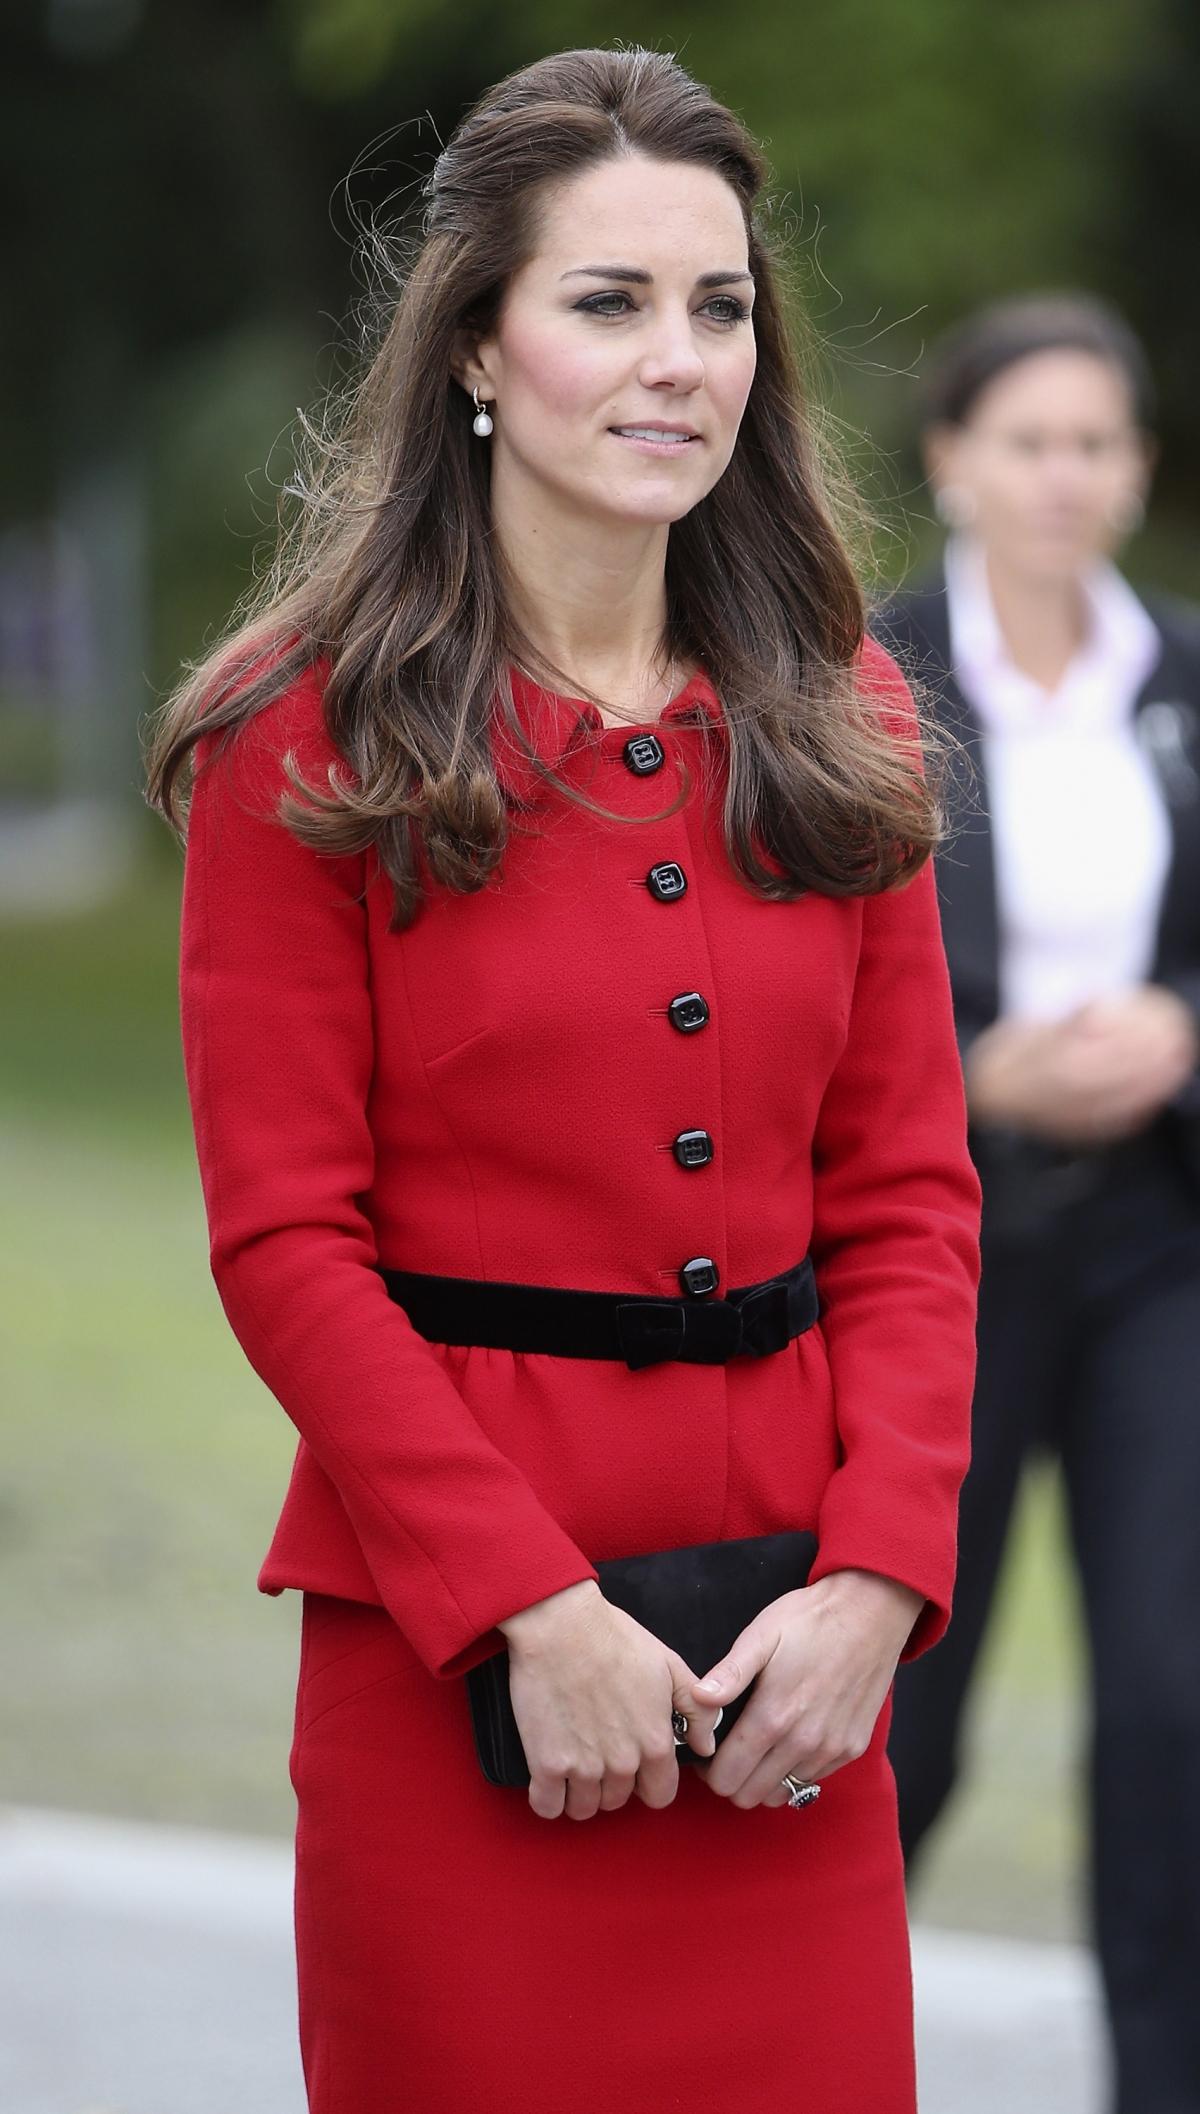 Kate Middleton during Royal Tour 2014